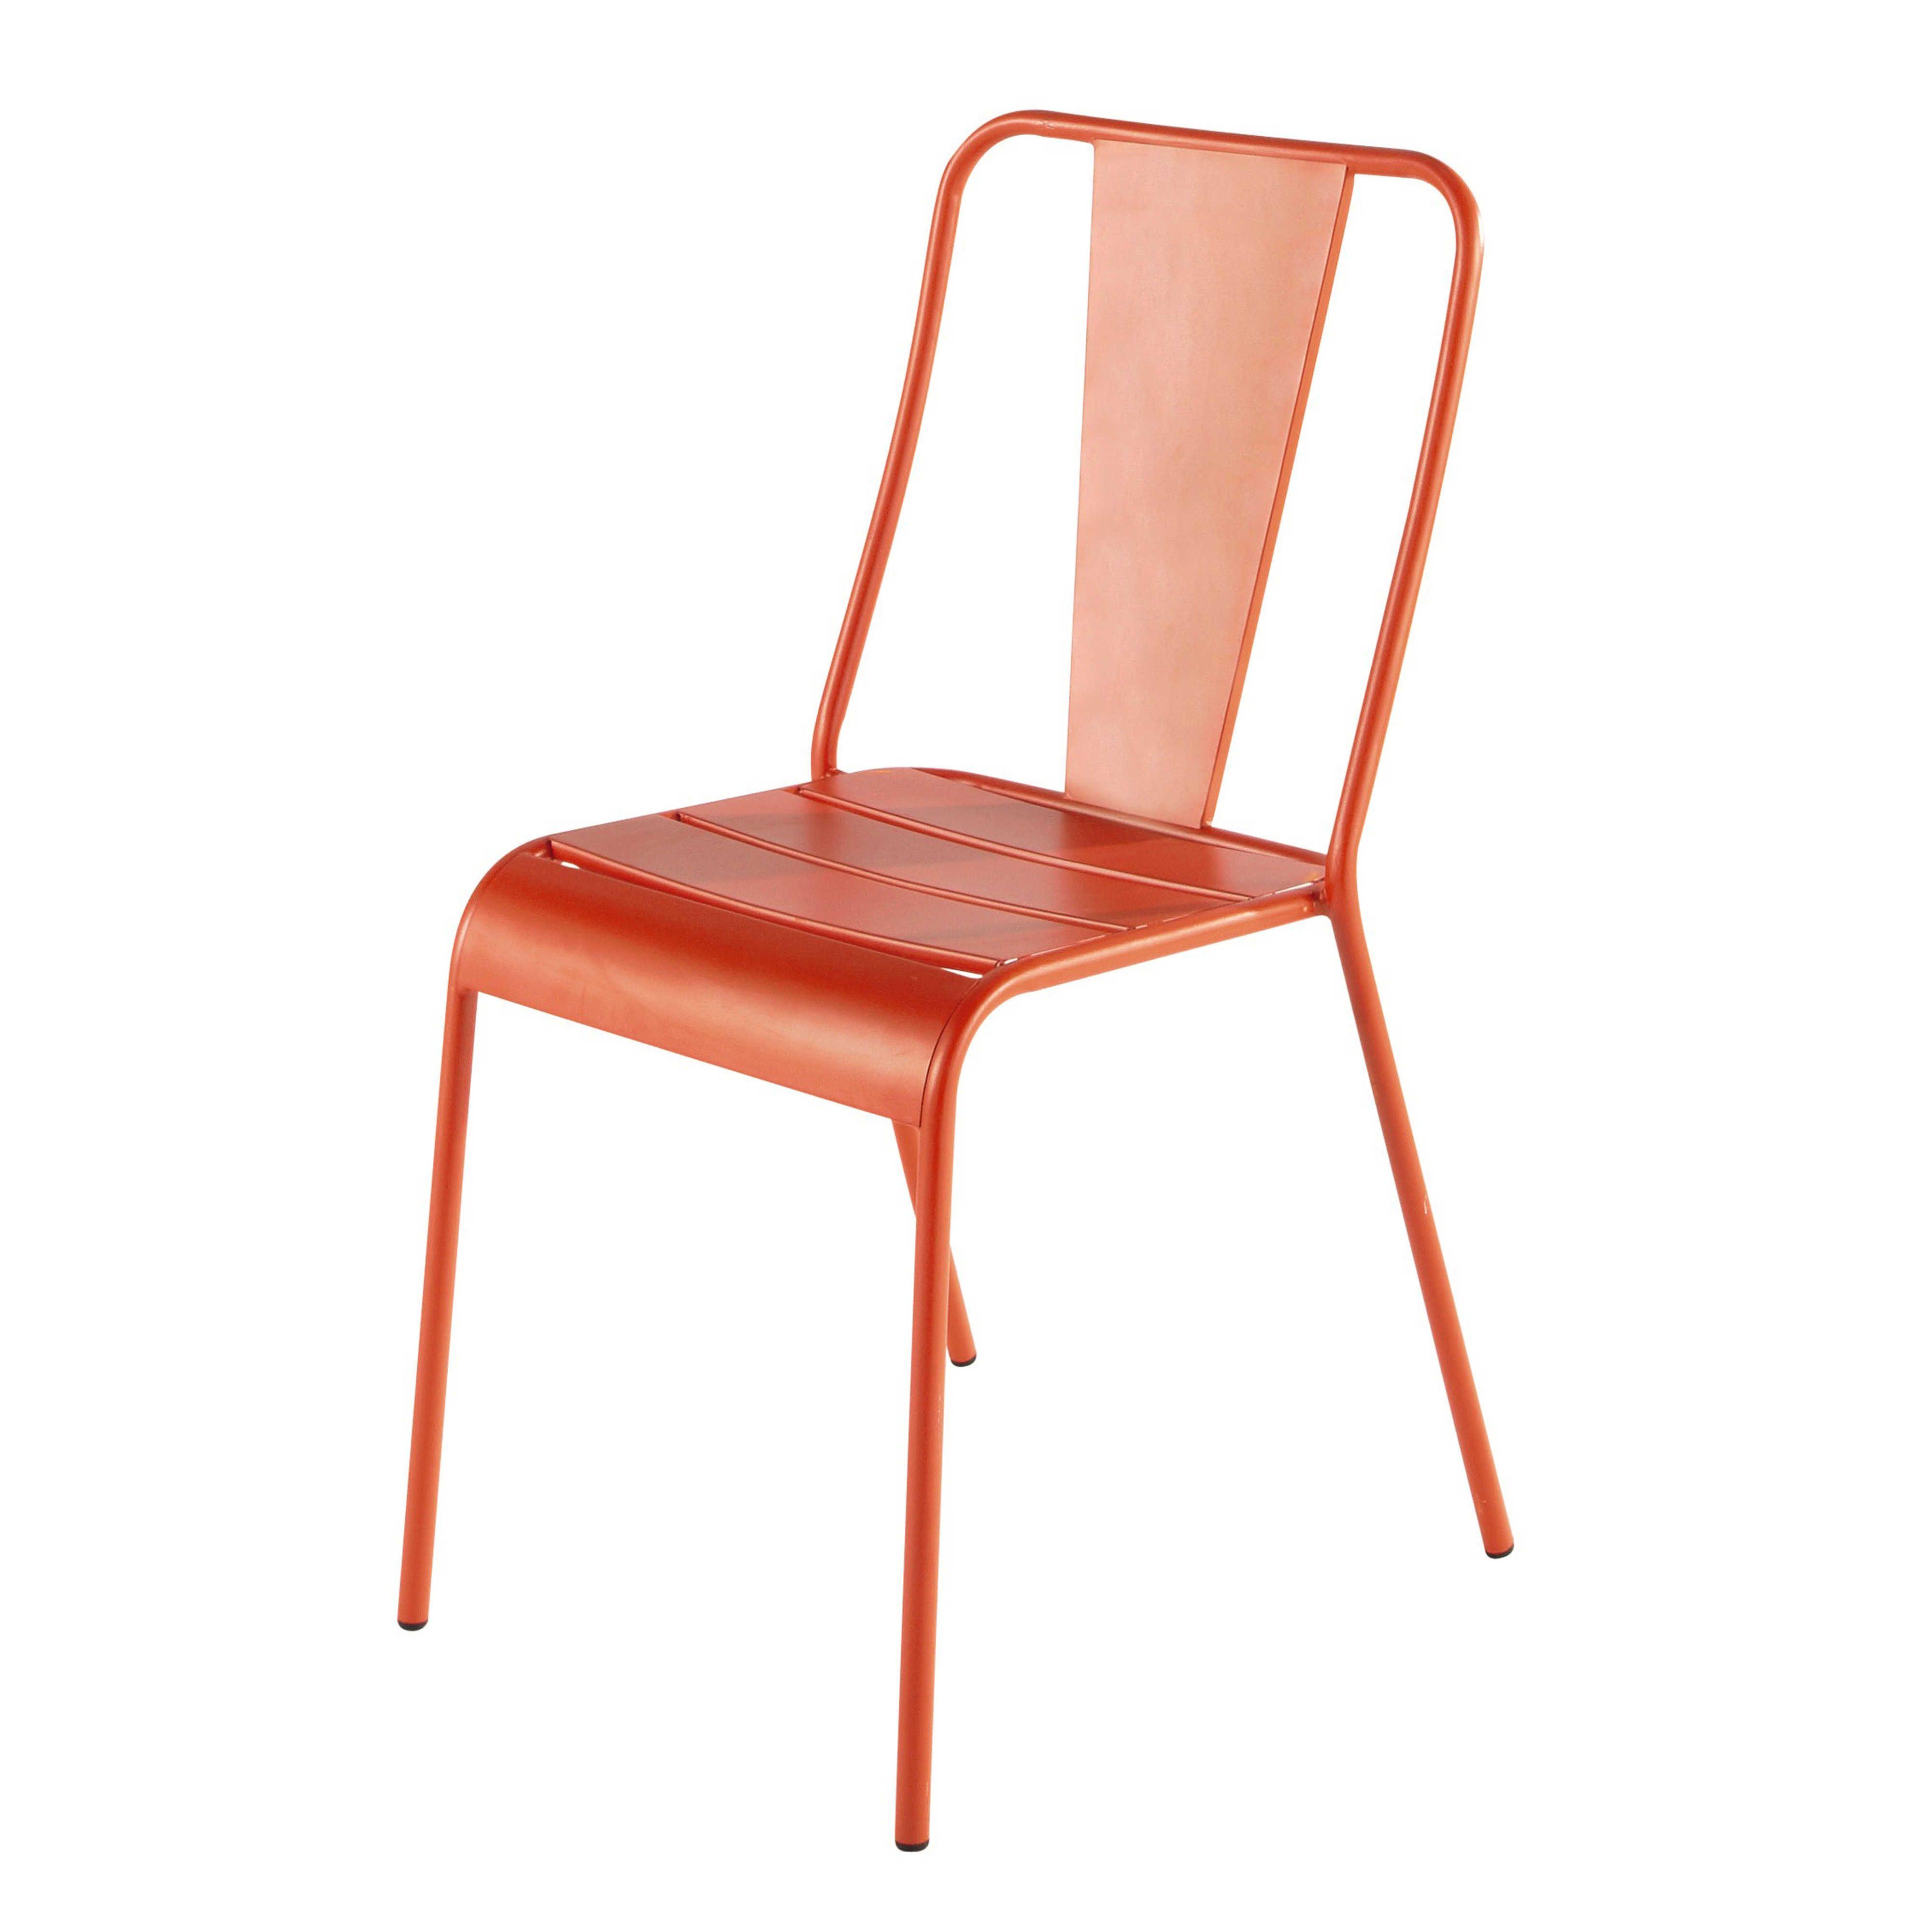 Klappliegestuhl metall  Gartenstuhl aus Metall, orange | Gartenstühle, Orange und Metall